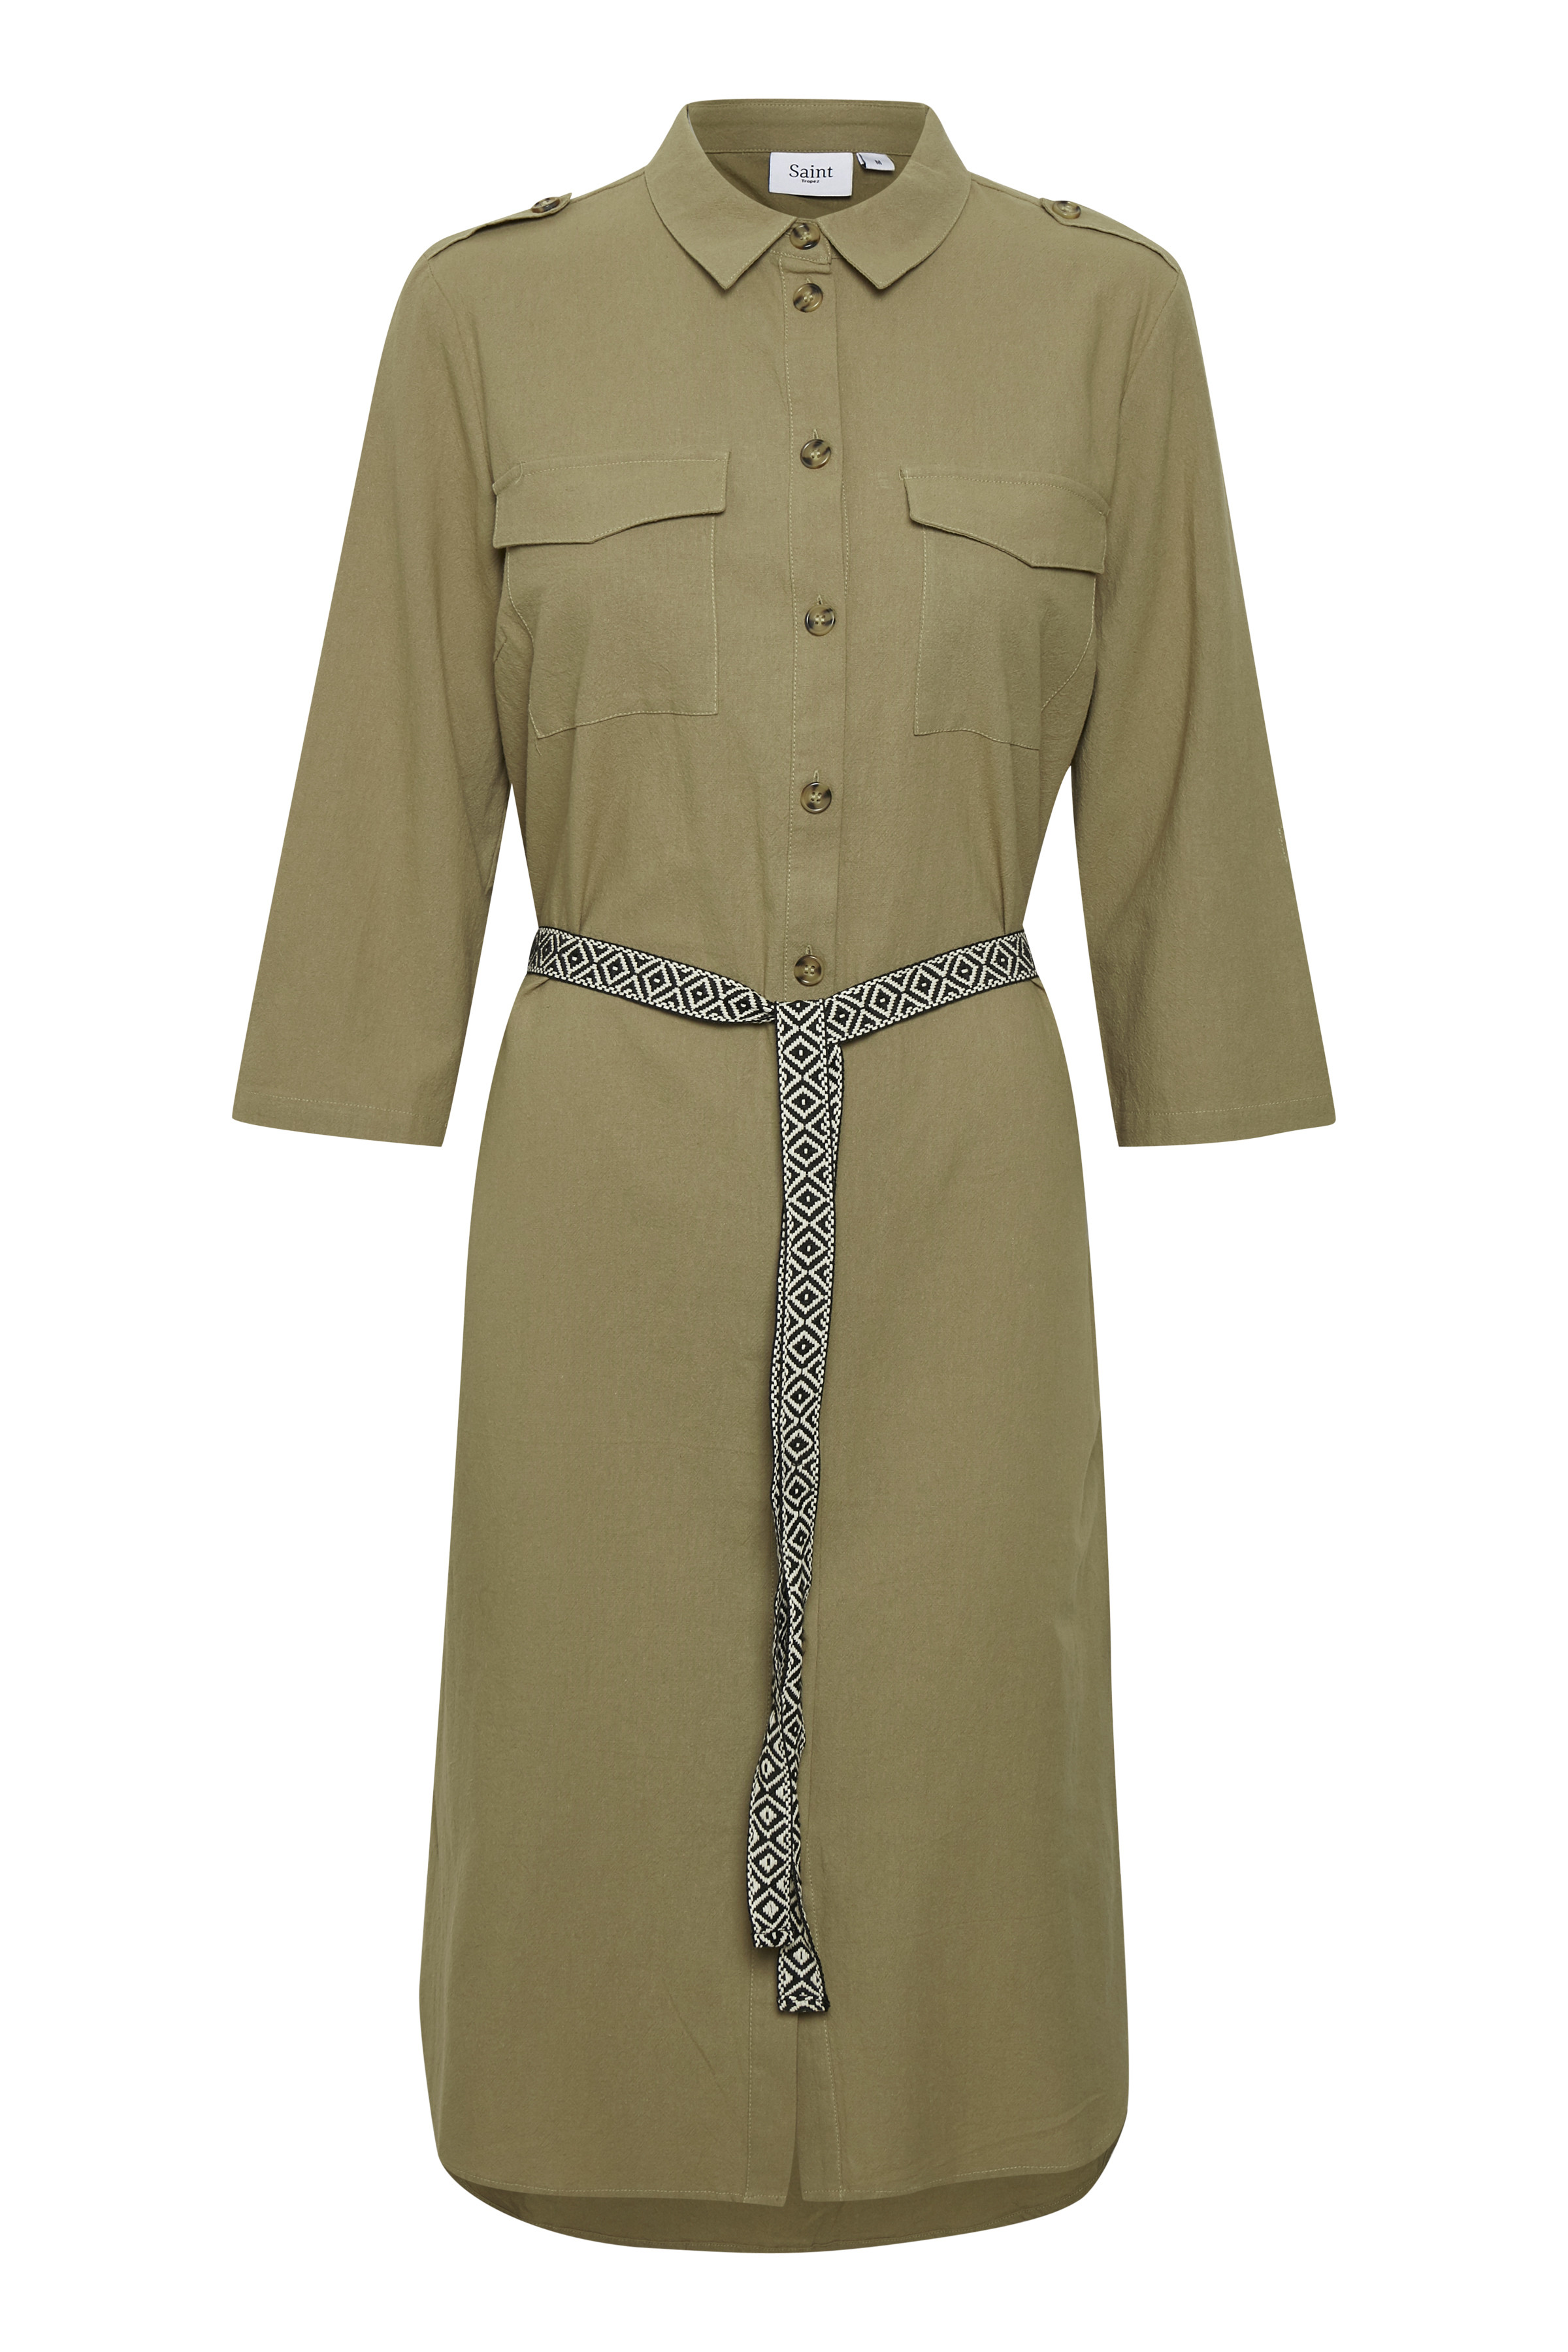 Saint Tropez støvet grøn skjorte kjole